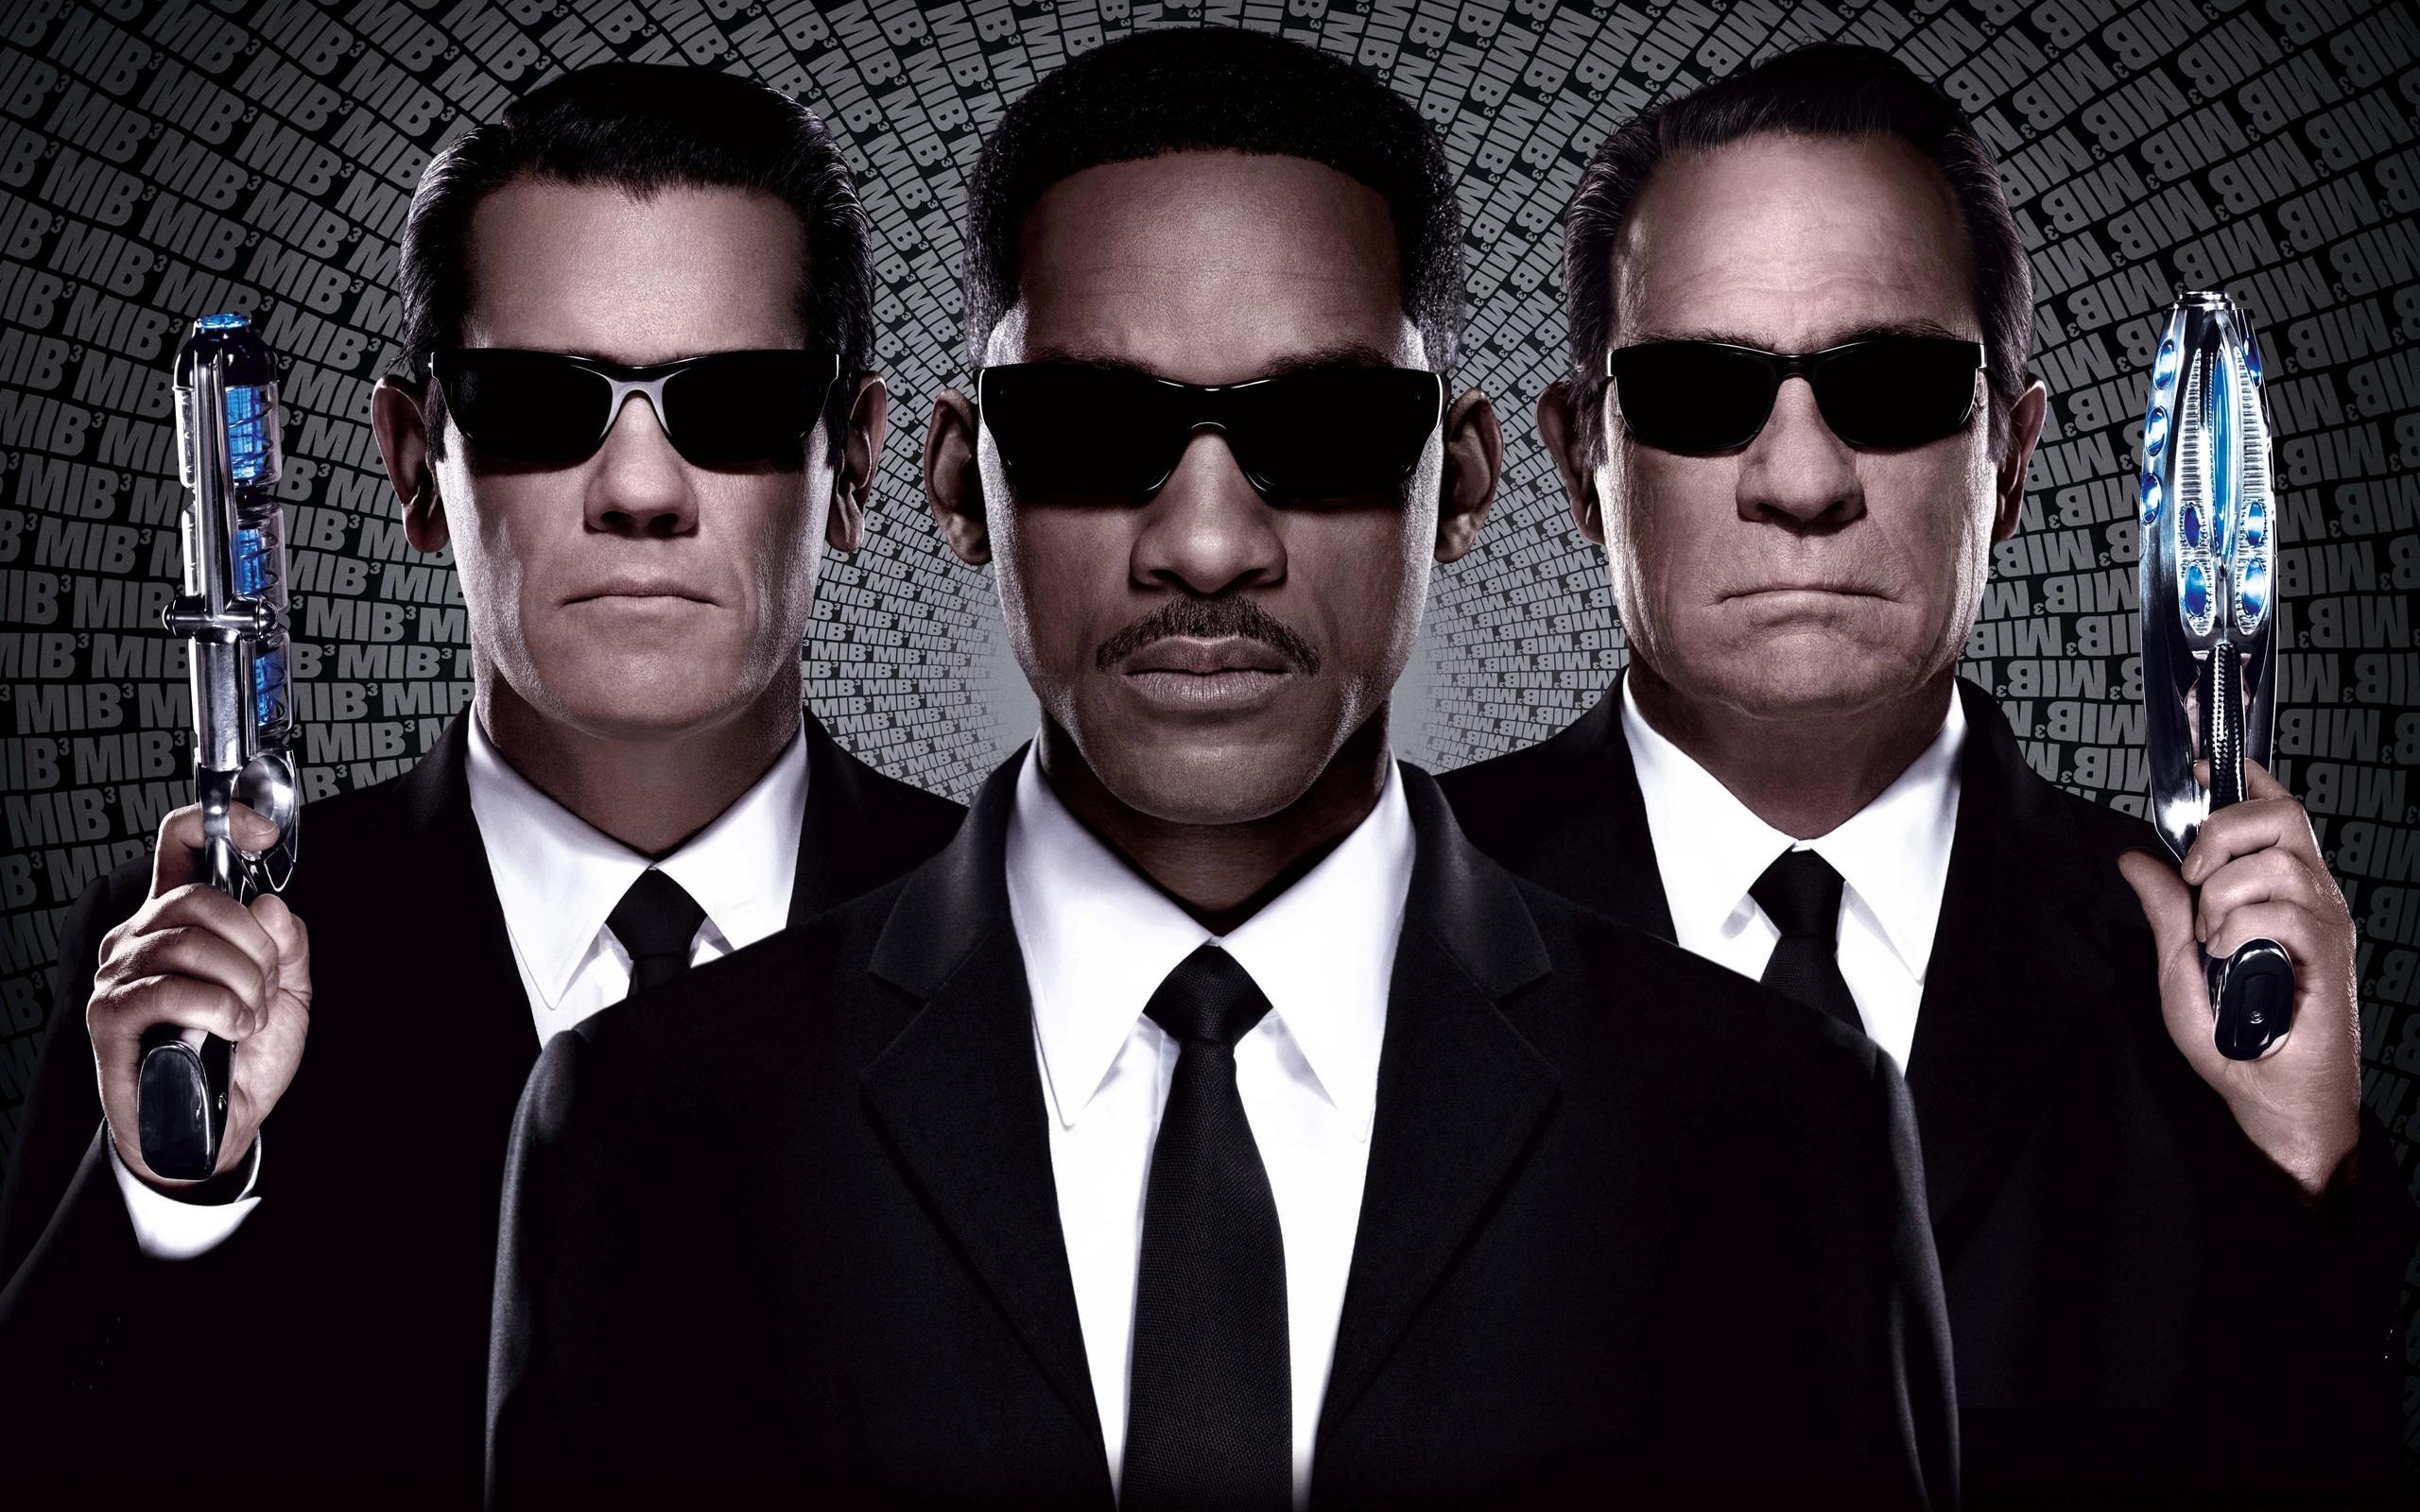 1500x1500px Men In Black 3 557.25 KB #285734